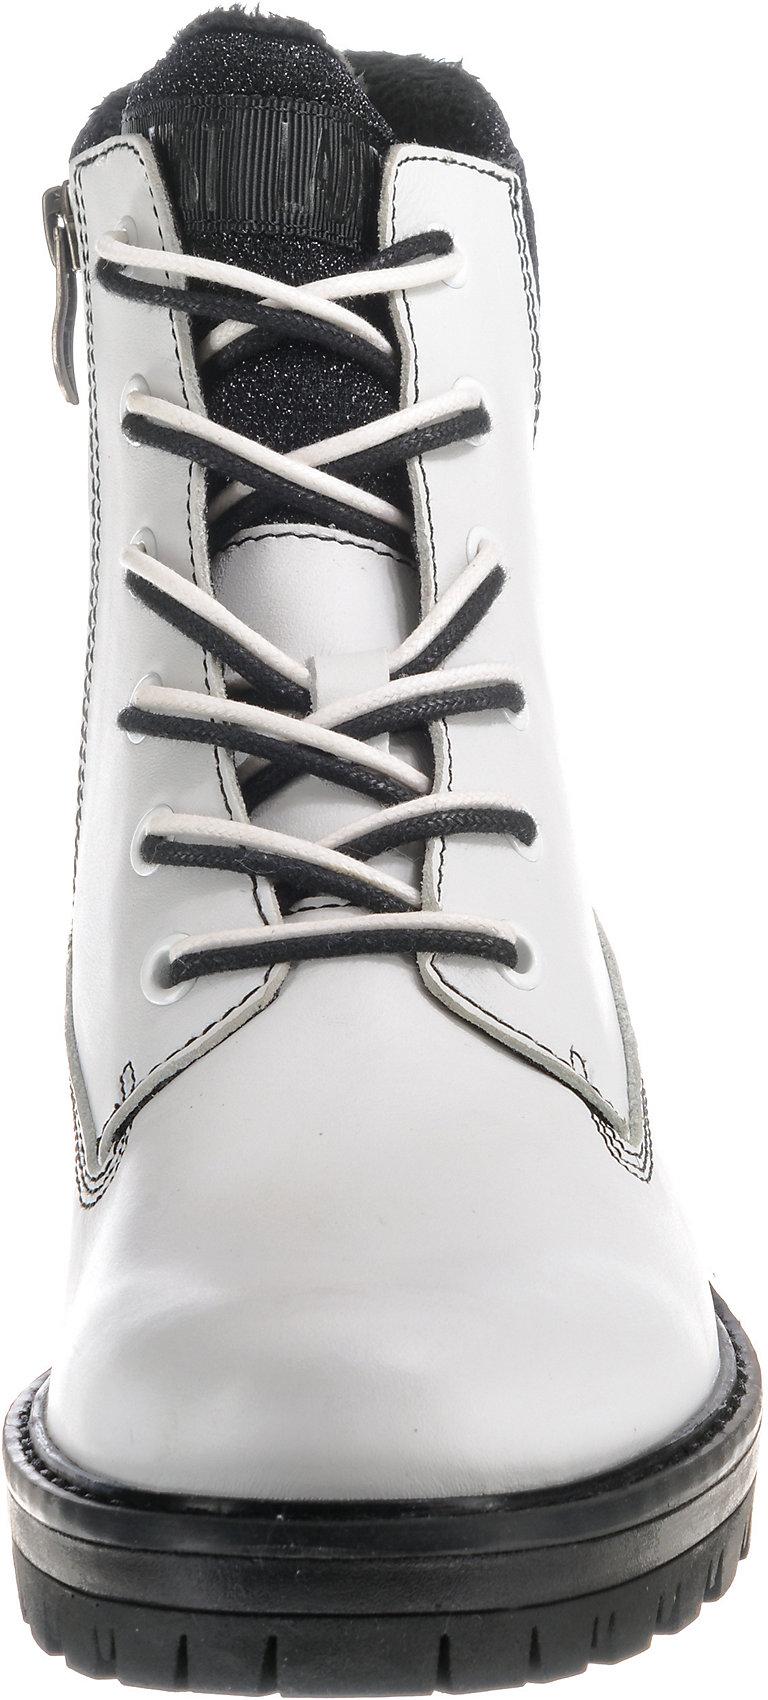 Details zu Neu Tamaris Biker Boots 8454204 für Damen schwarz weiß